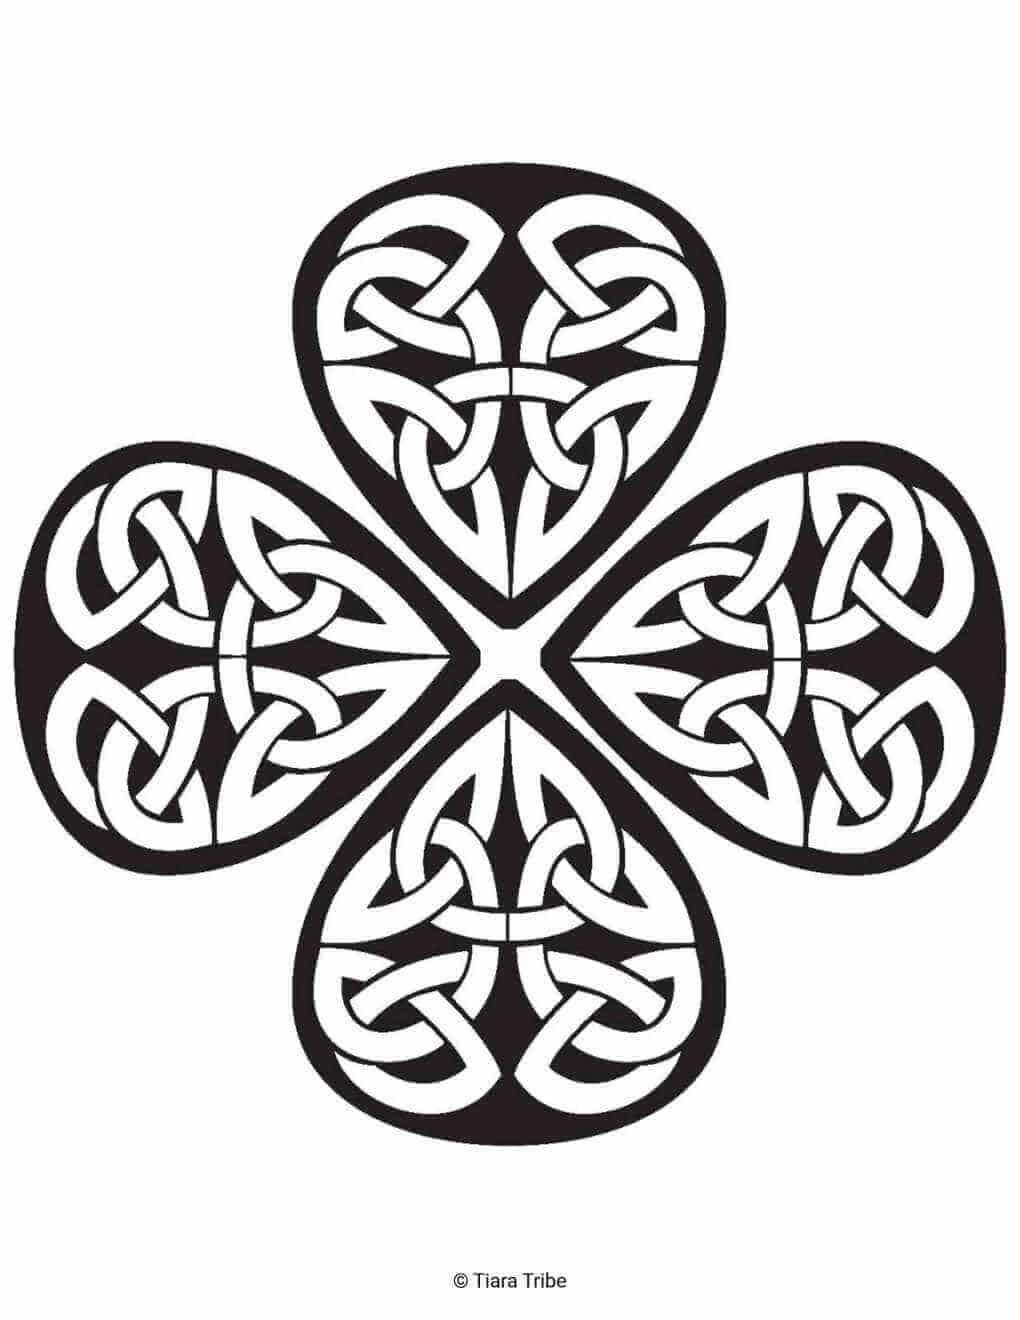 Shamrock Celtic Design Coloring Page